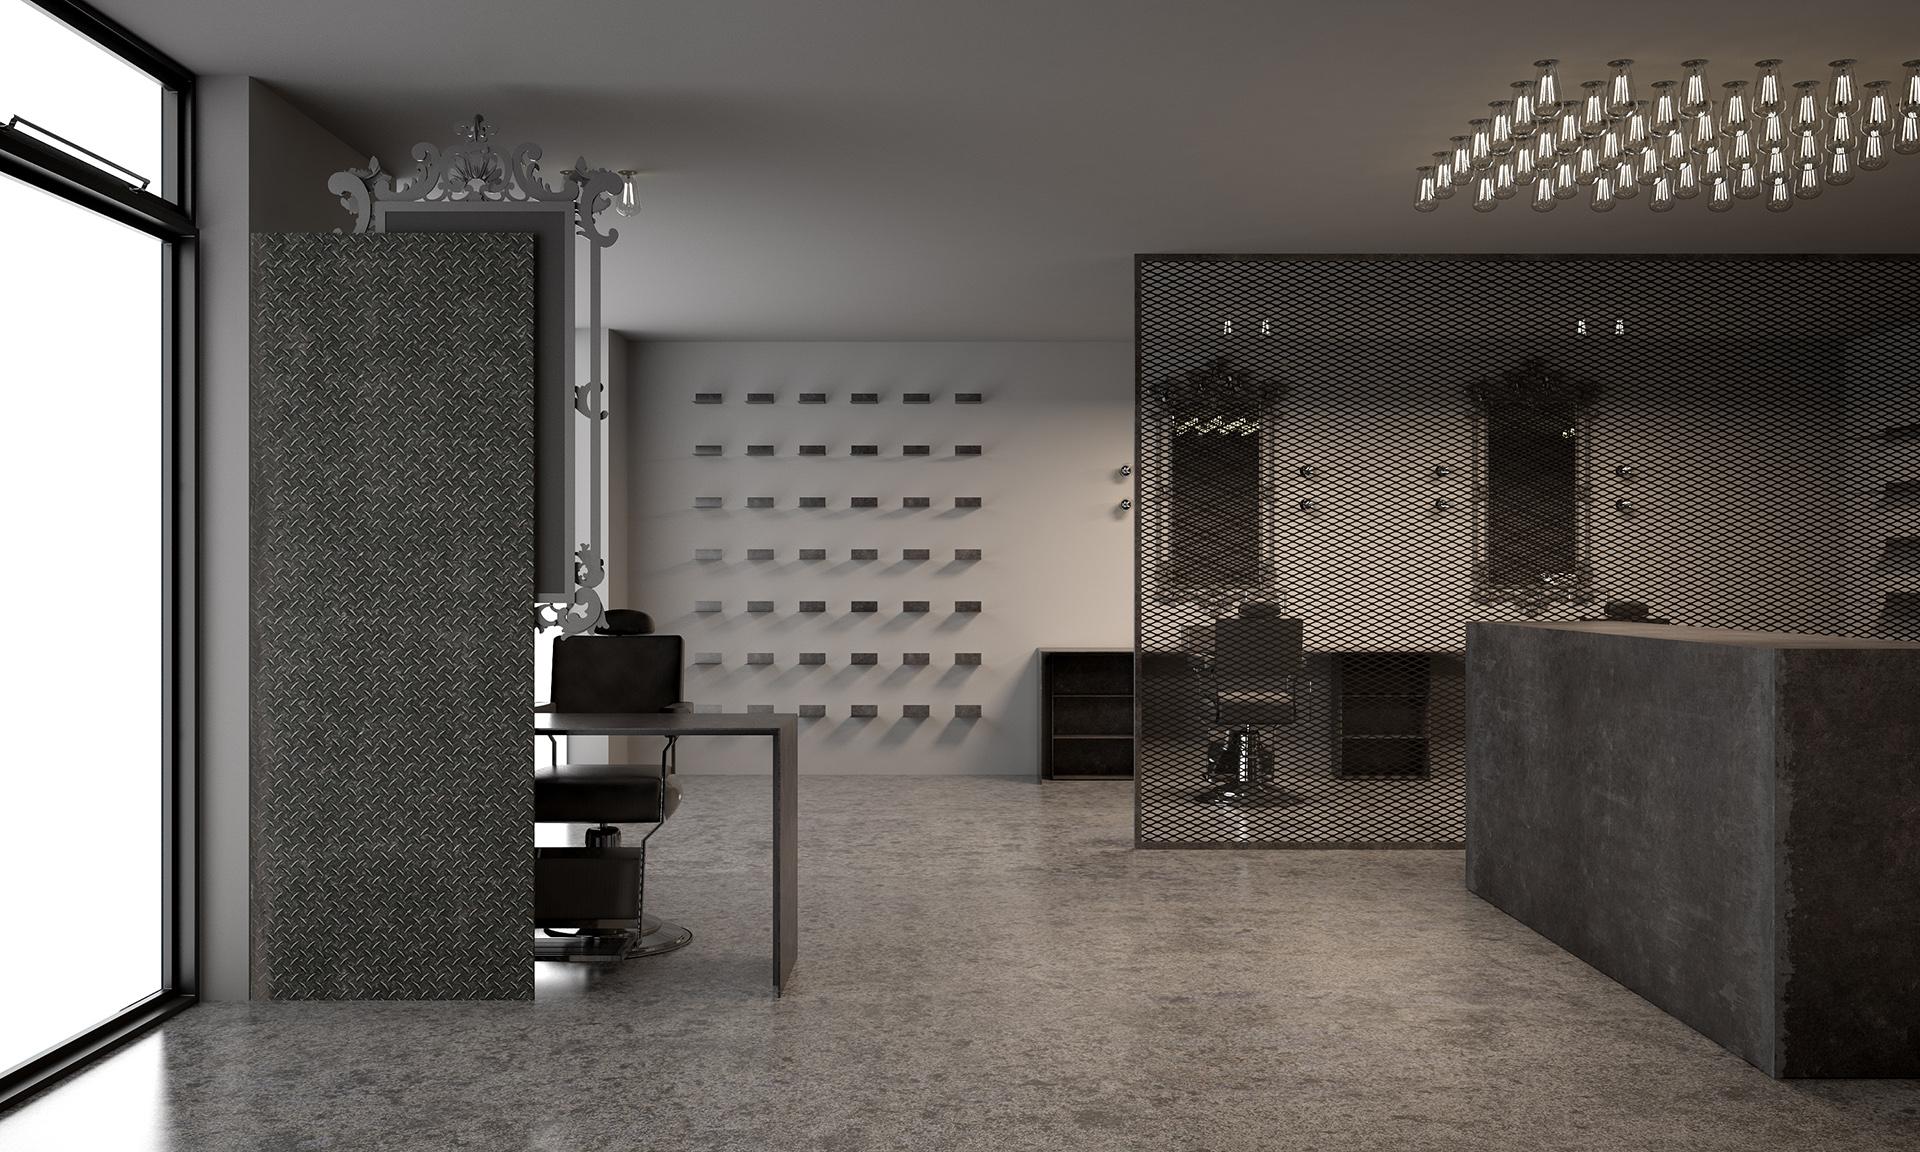 modellazione 3d e rendering di un Barber shop in Toscana progettato da Francesco Aureli